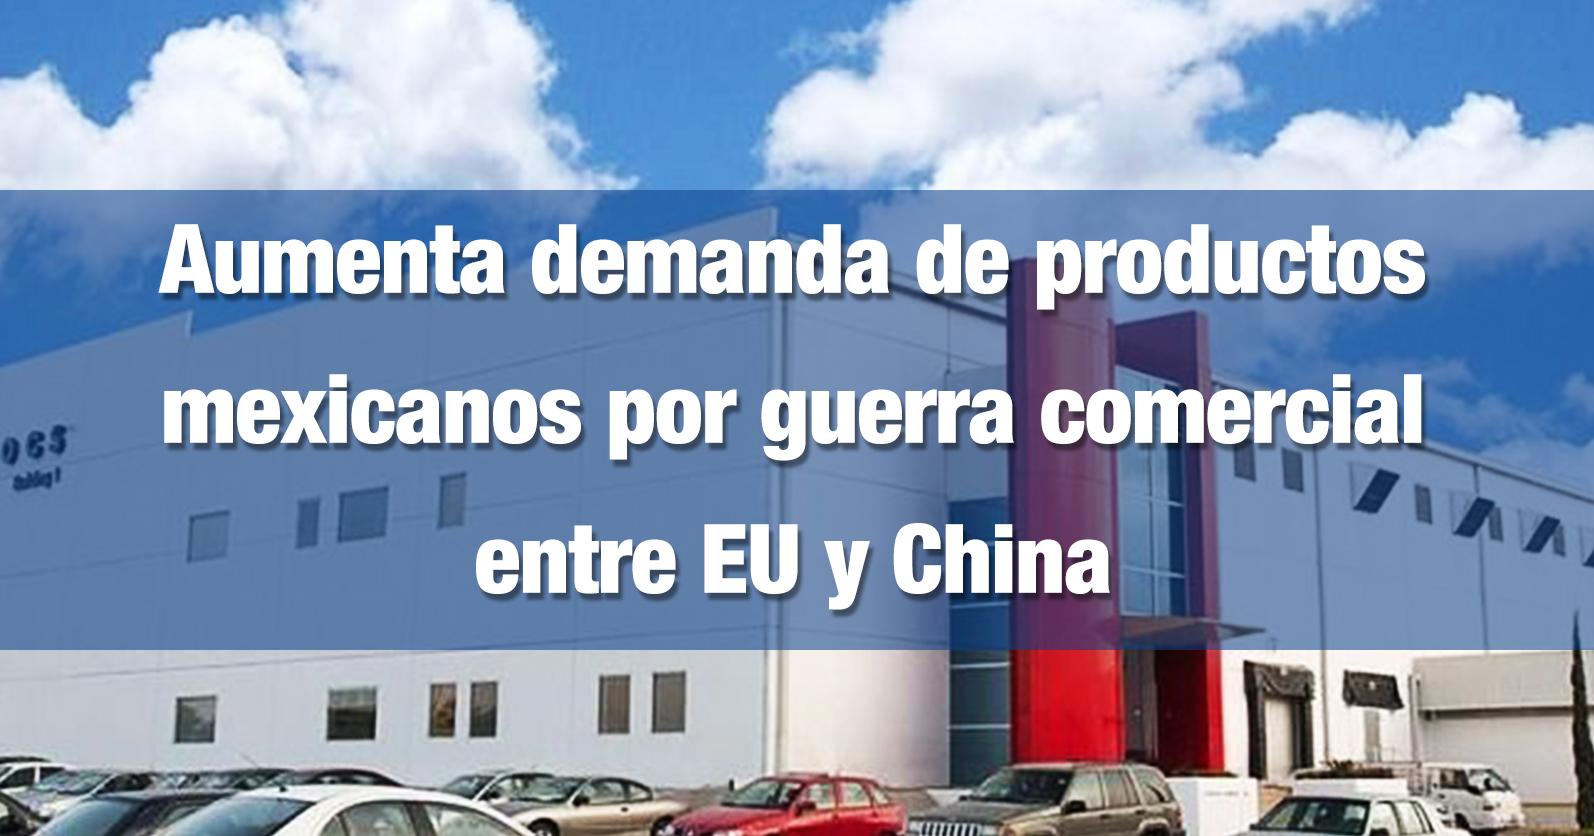 Aumenta demanda de productos mexicanos por guerra comercial entre EU y China